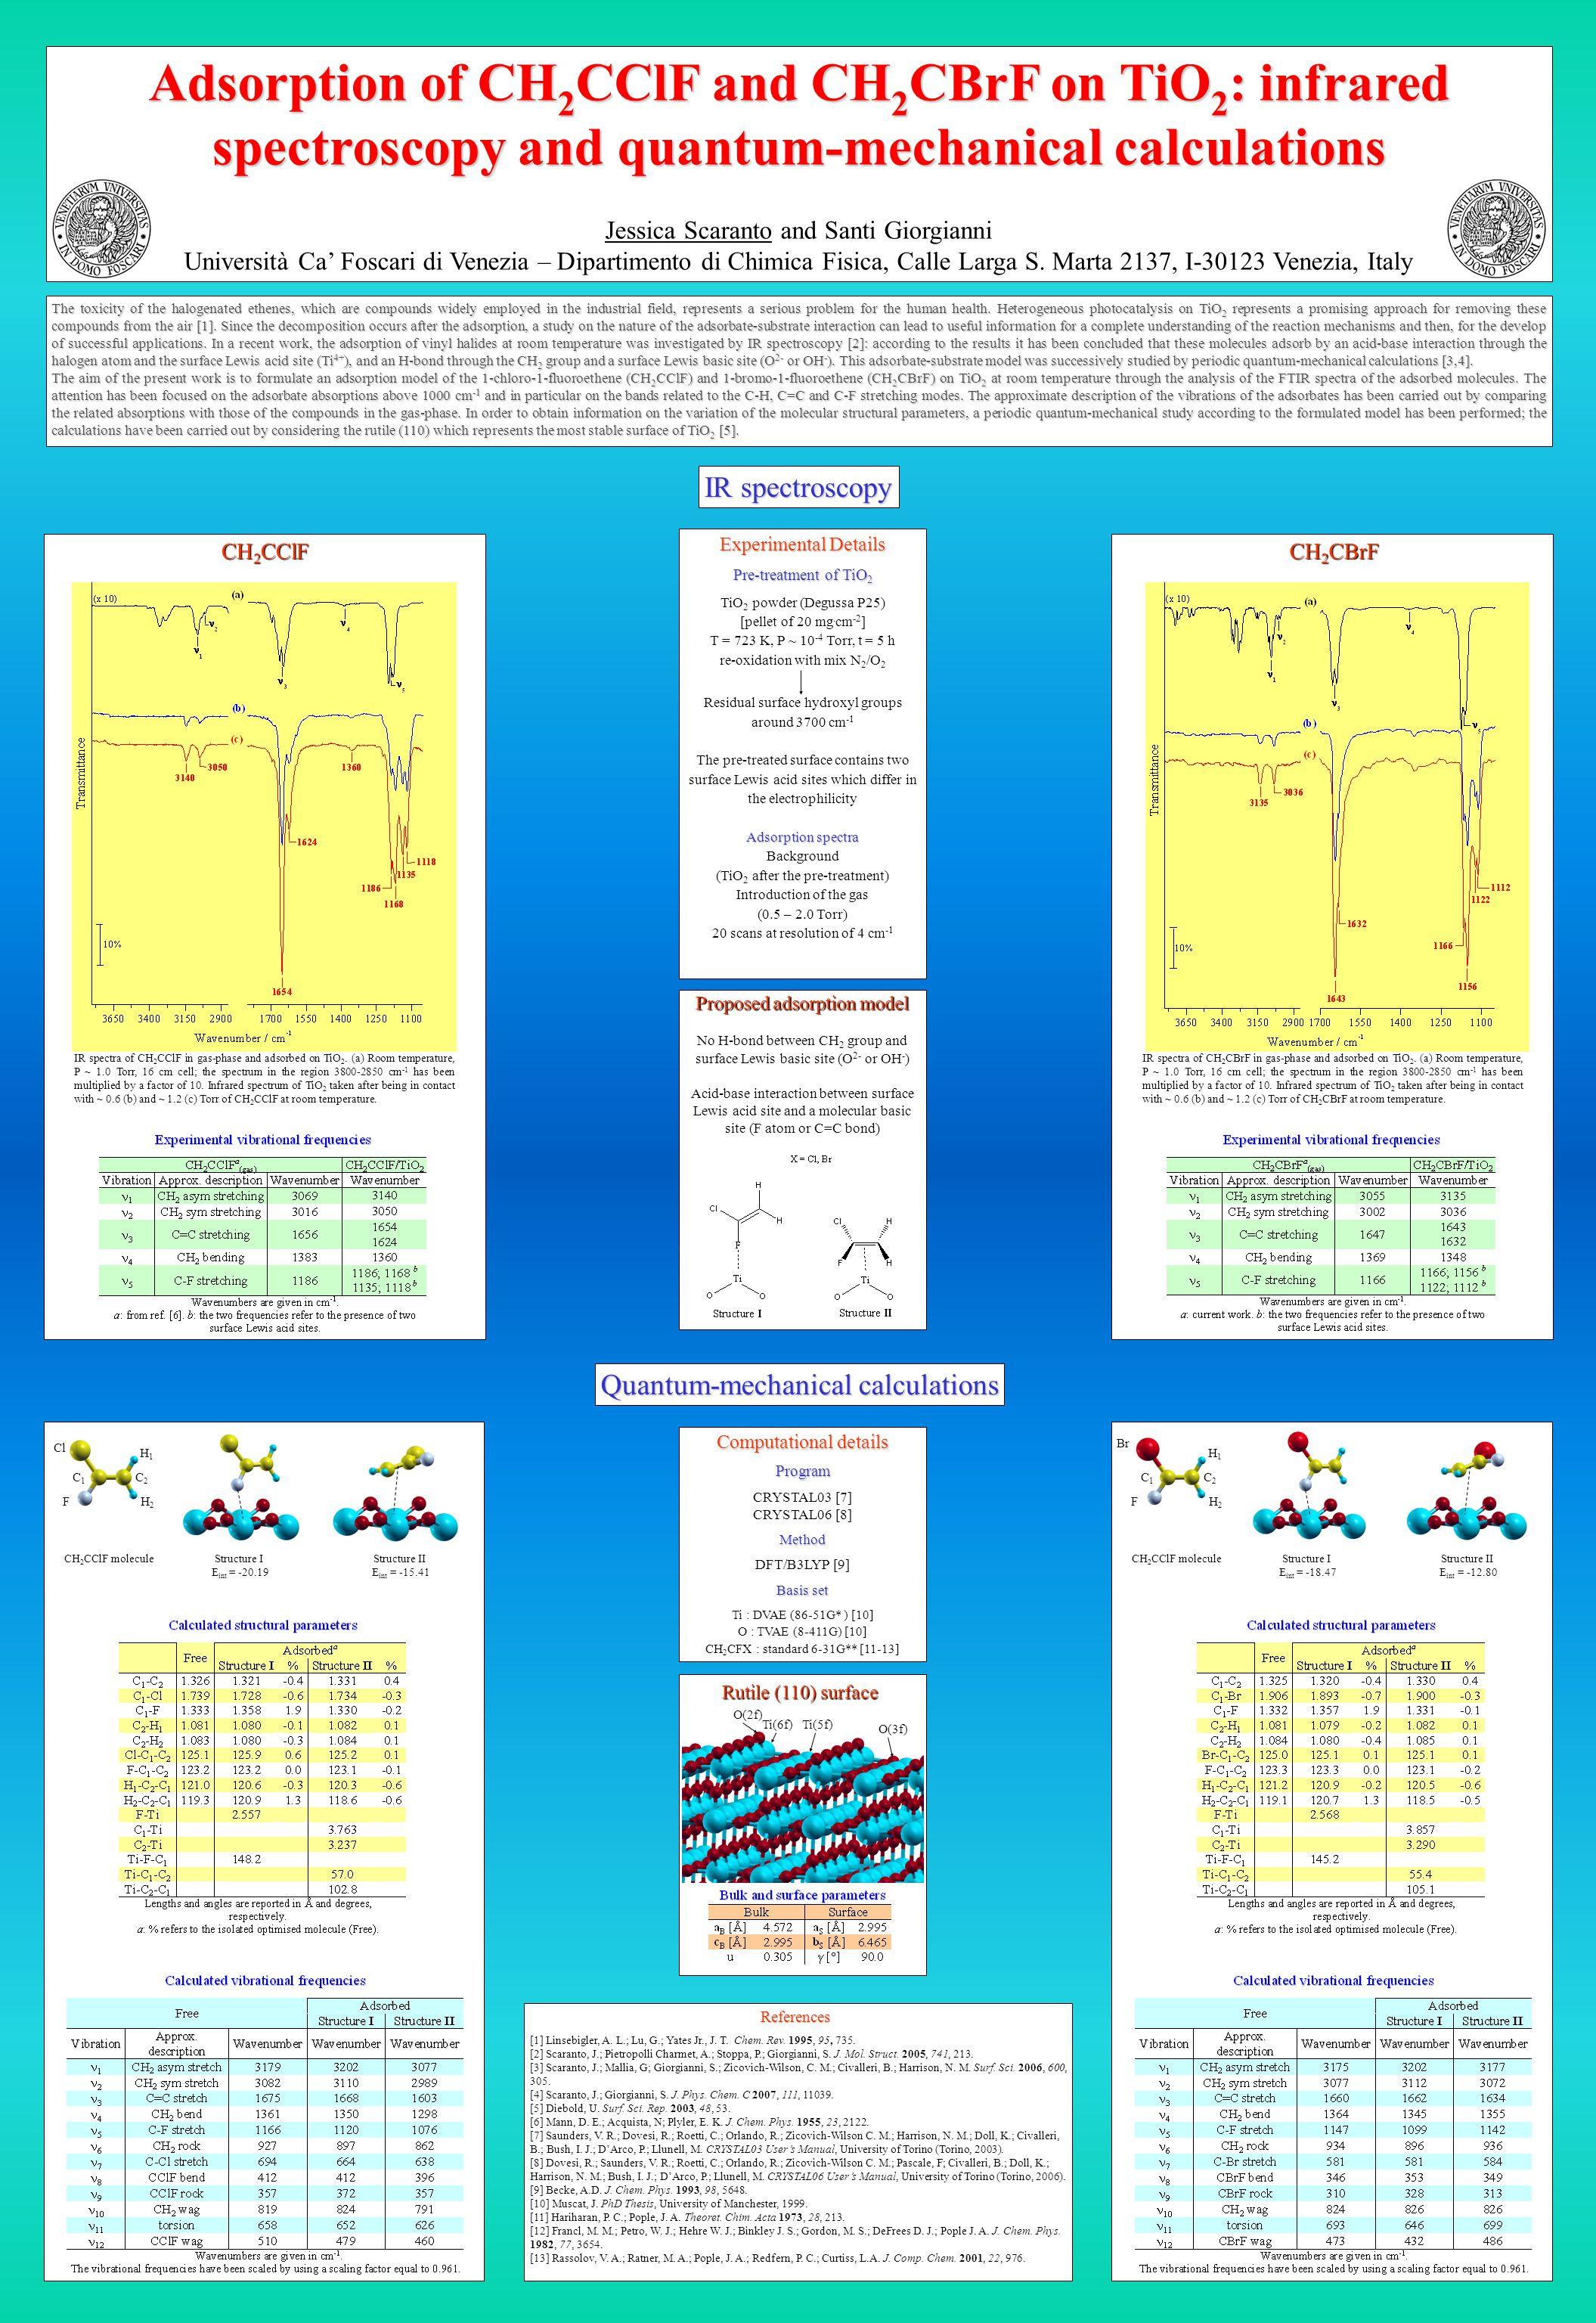 Adsorption of CH 2 CClF and CH 2 CBrF on TiO 2 : infrared spectroscopy and quantum-mechanical calculations Jessica Scaranto and Santi Giorgianni Università Ca' Foscari di Venezia – Dipartimento di Chimica Fisica, Calle Larga S.